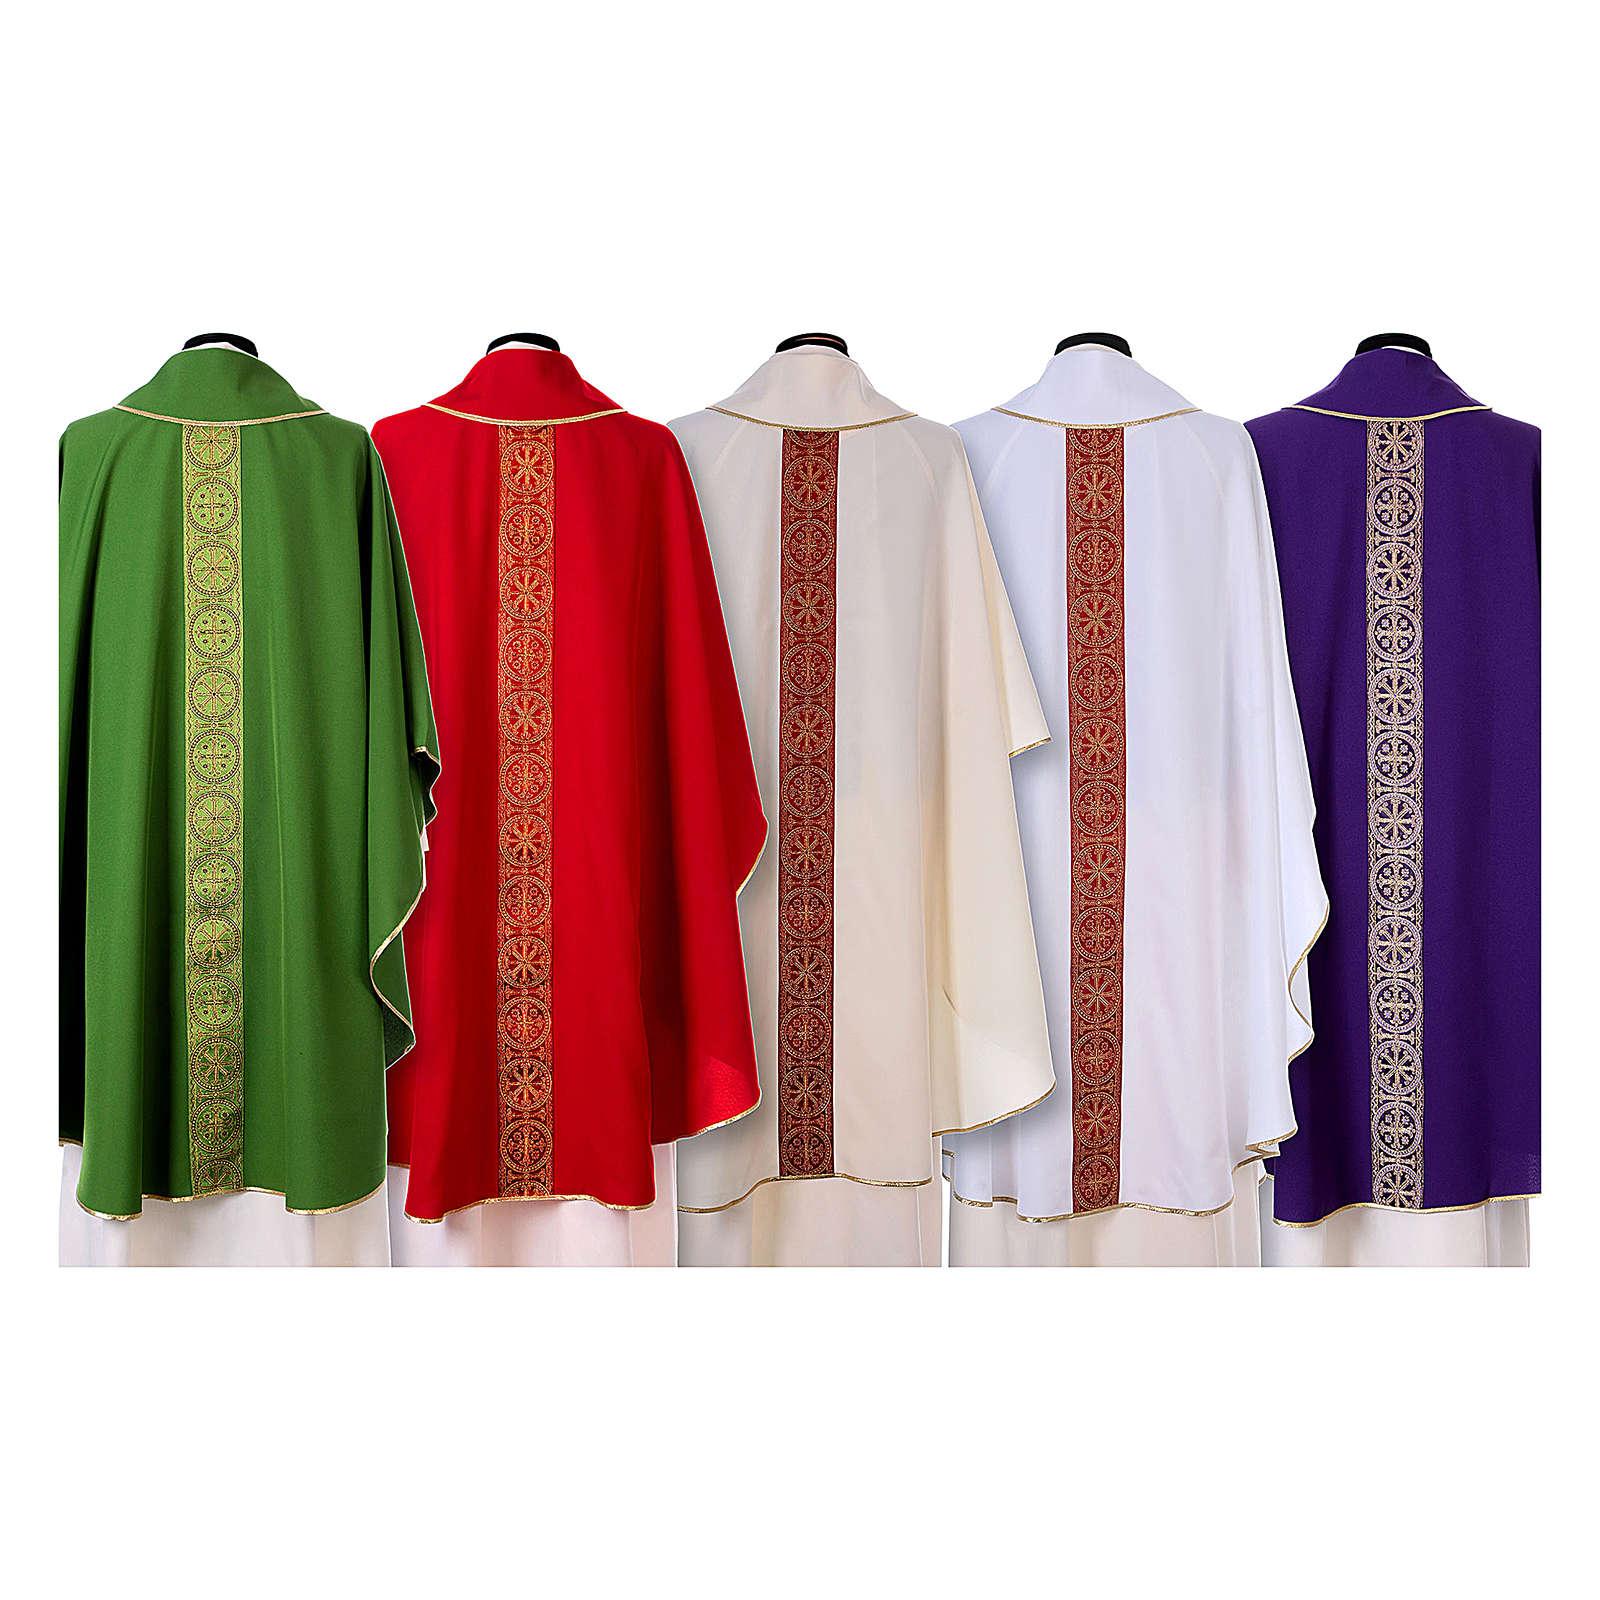 Casula gallone davanti dietro tessuto Vatican 100% poliestere 4